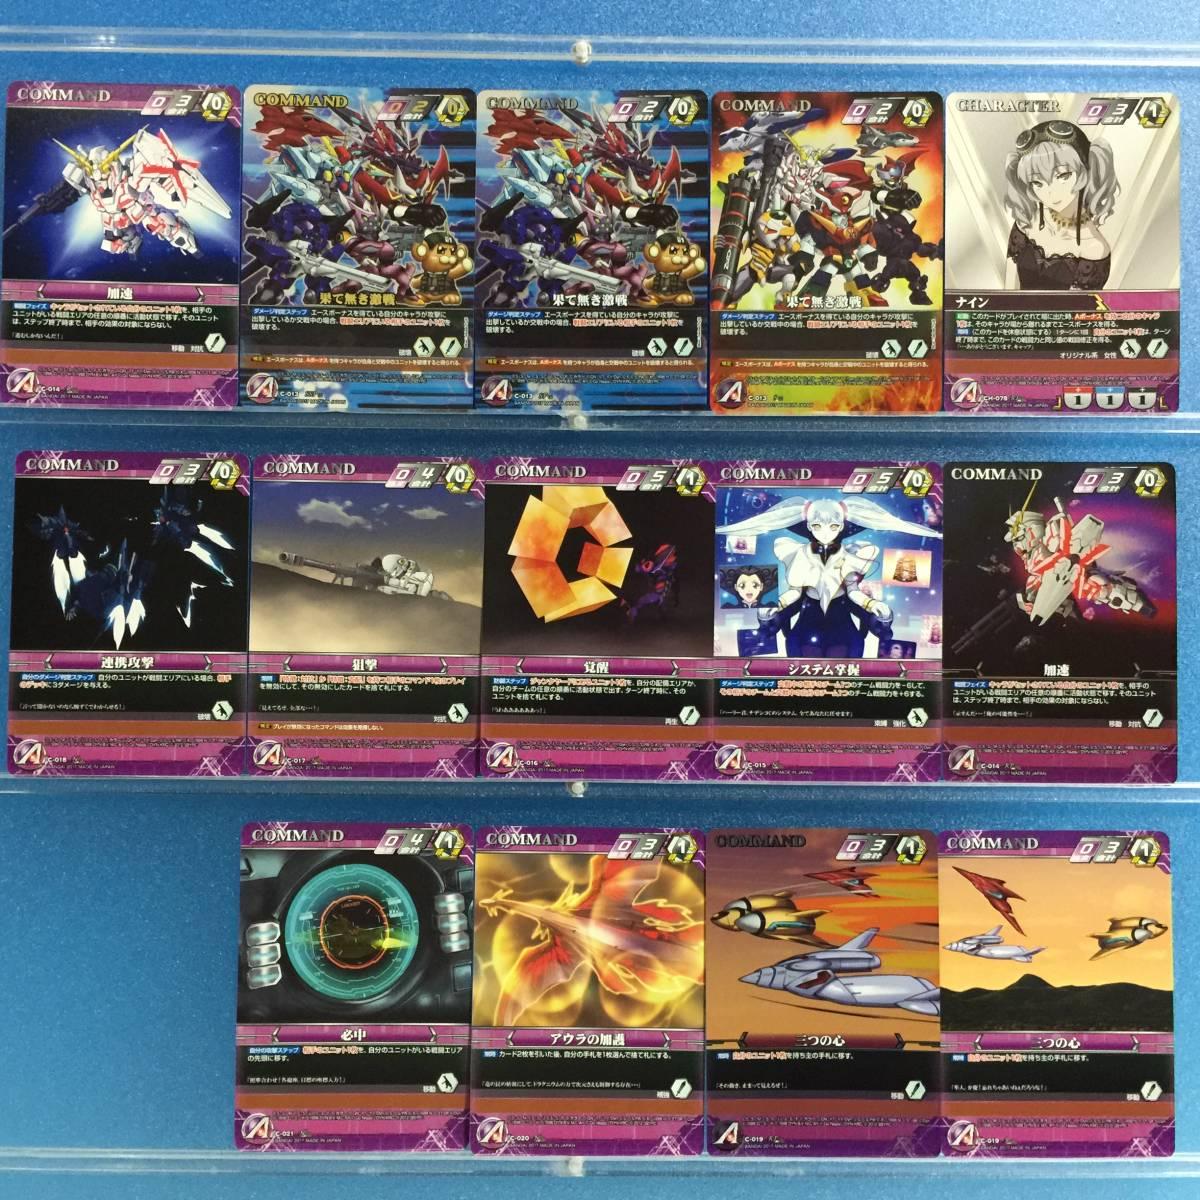 【Crusade】スーパーロボット大戦Vクルセイド 第2弾 ~果て無き激戦~(SRW-CB02) フルコンプ167枚 (全113種+パラレル54種)_画像10